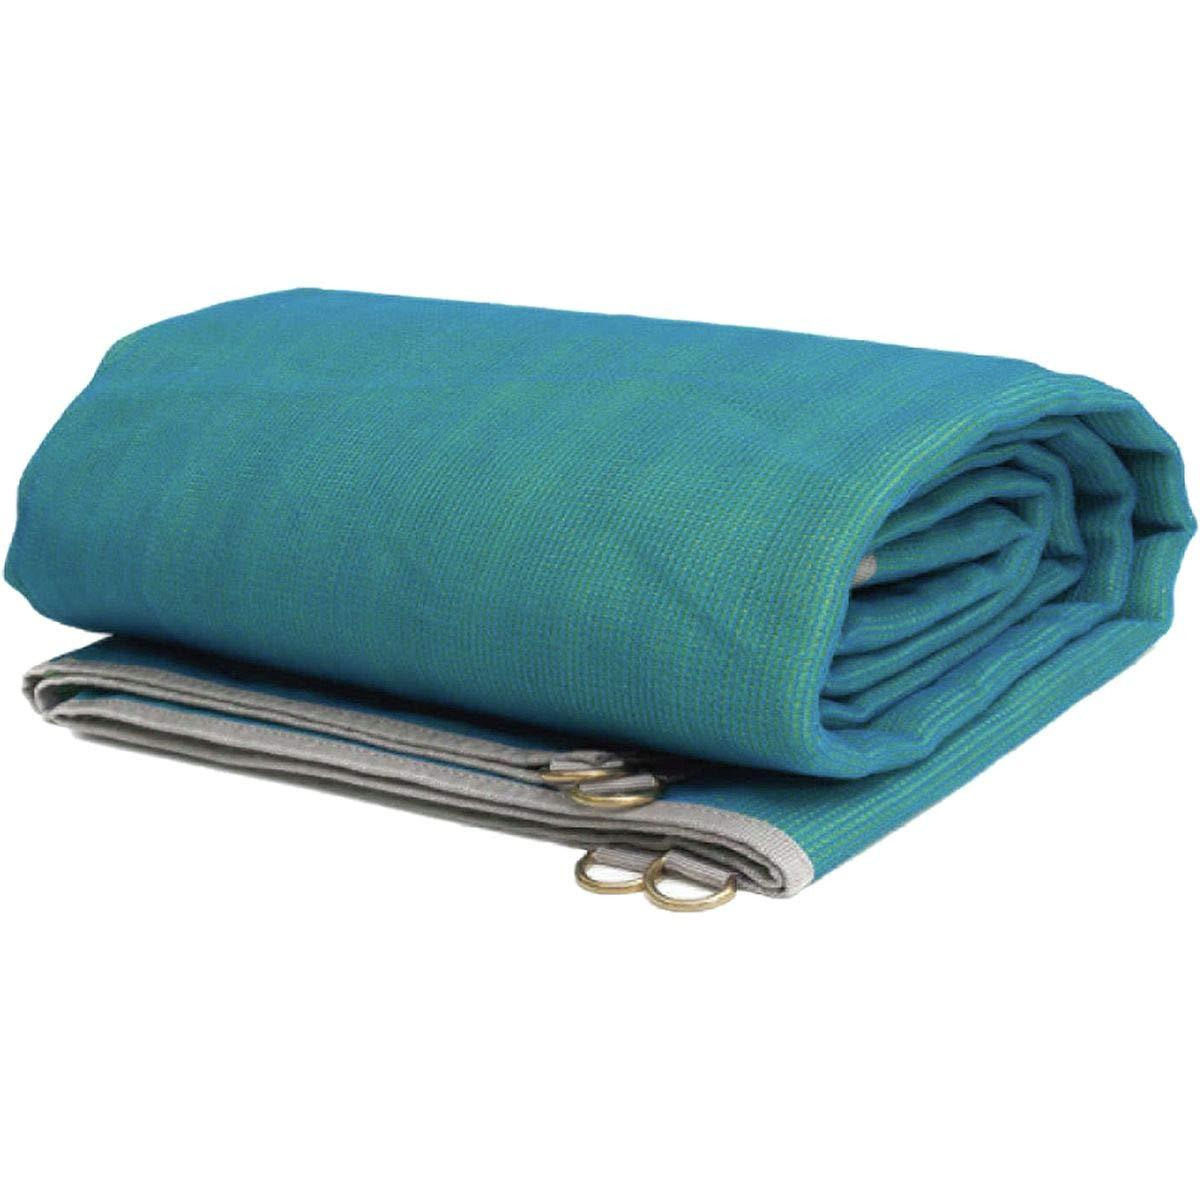 CGear The Mat - Sand-Free Outdoor Camping Mat, Blue/Green, 6' x 6'